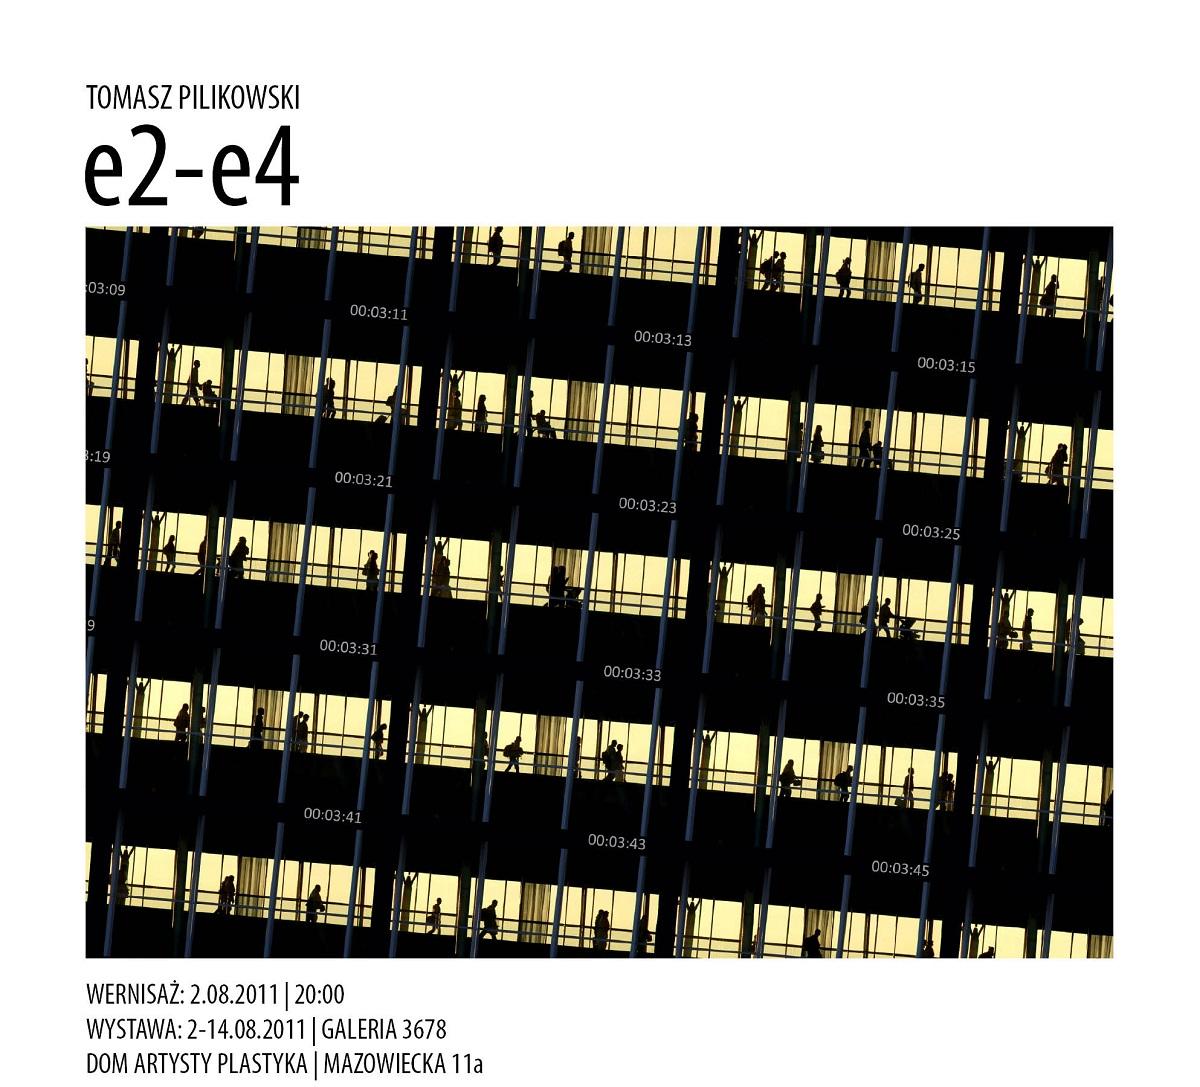 """Tomasz Pilikowski """"e2-e4"""", Galeria 3678 - materiał udostępniony przez organizatora"""